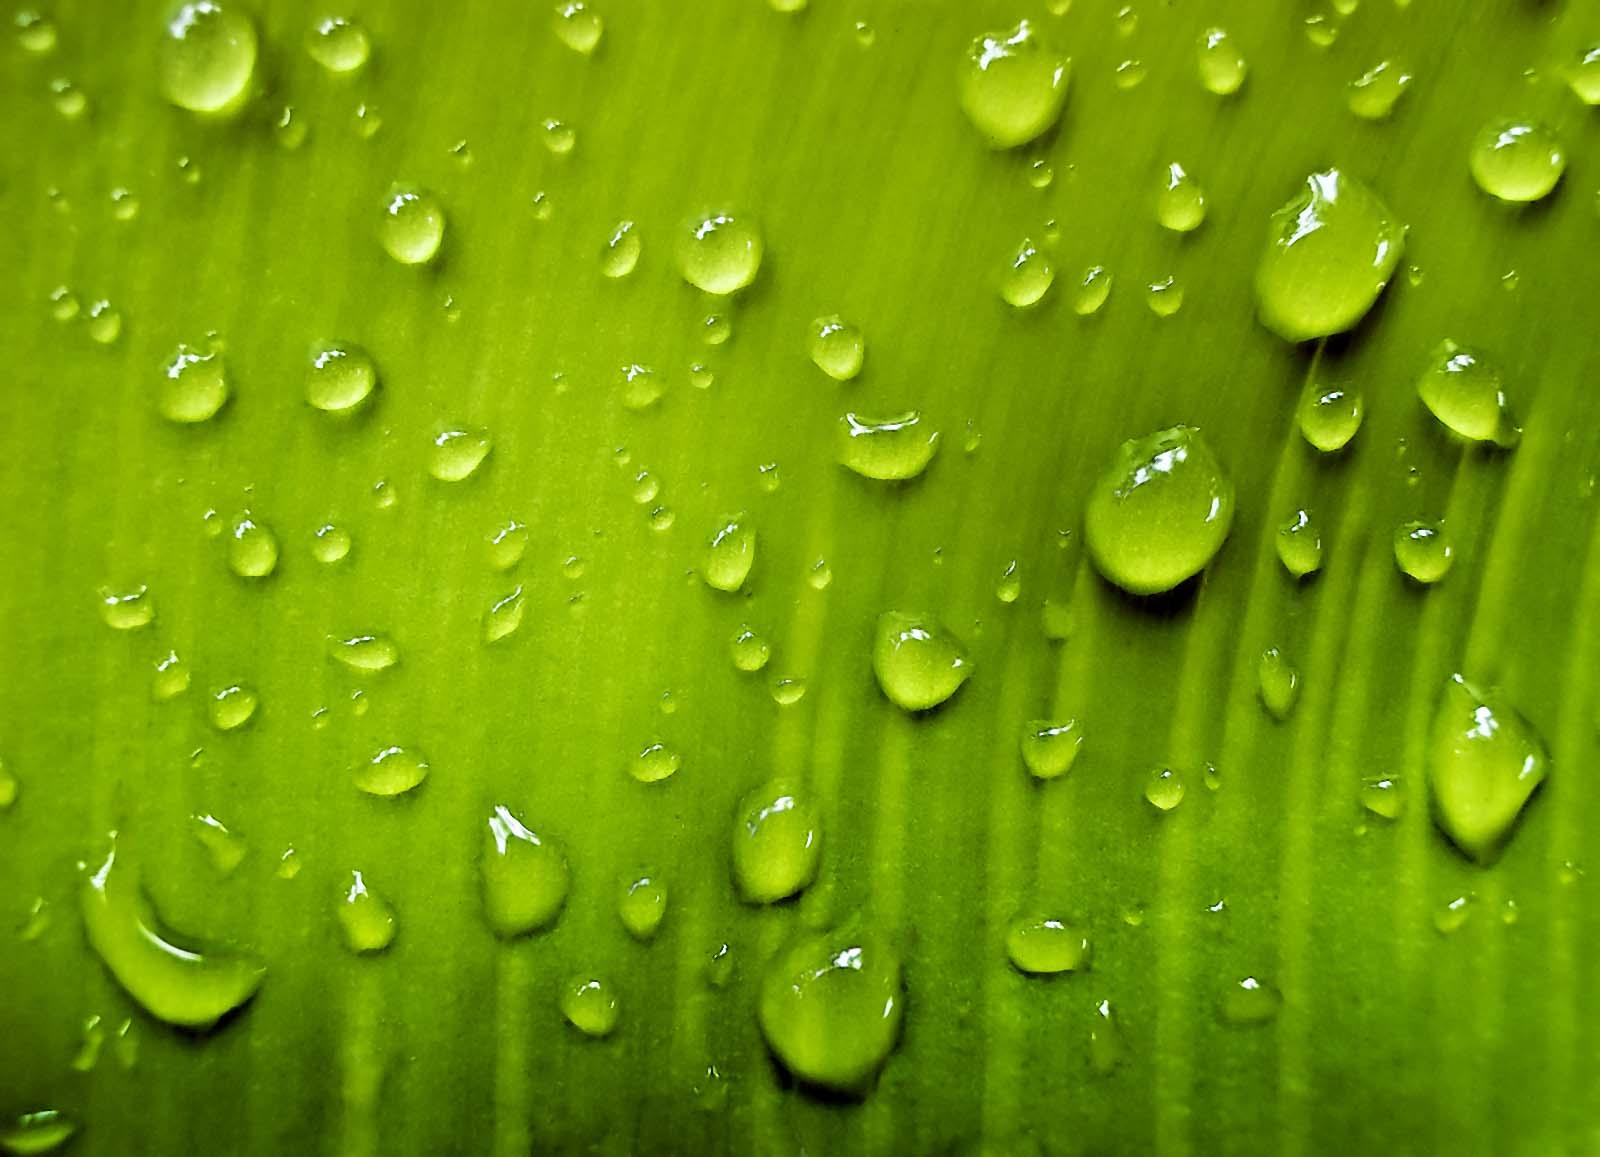 http://2.bp.blogspot.com/-QZ7EOjgl18I/TfOVIB3LH2I/AAAAAAAAB-Y/j3CBIHTx4qQ/s1600/Water%20Drop%209.jpg